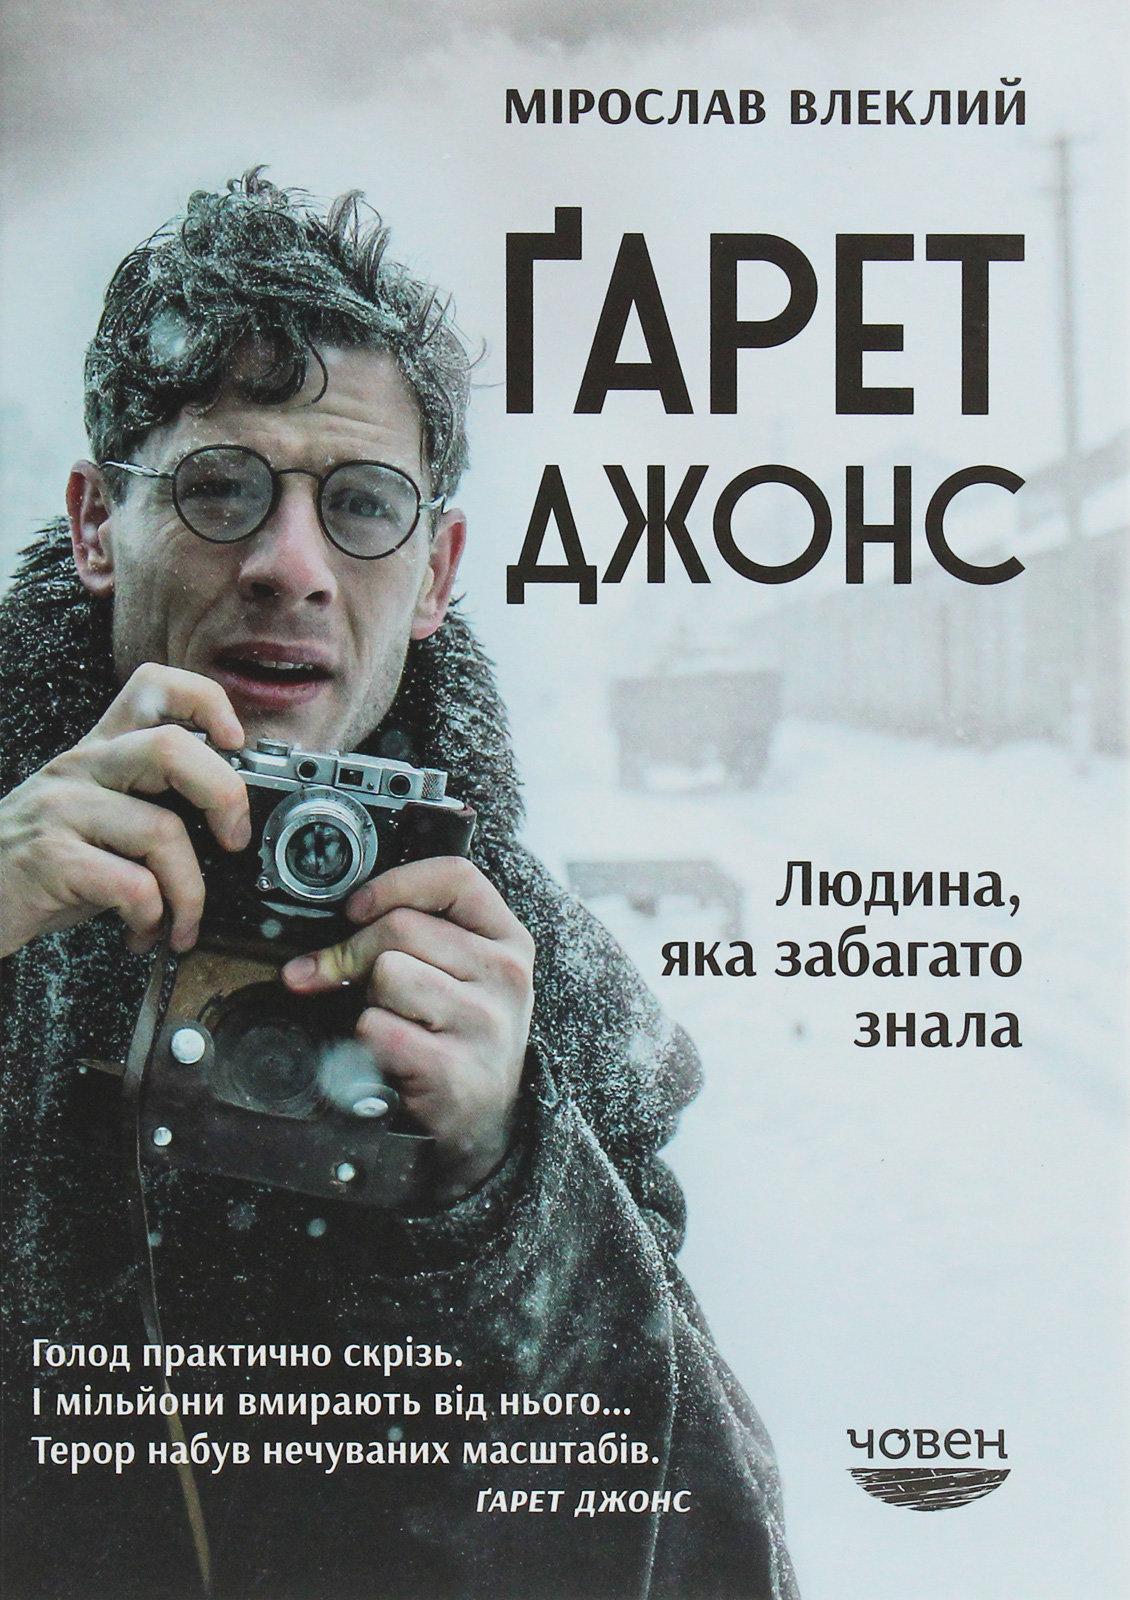 Мірослав Влєклий, обкладинка книги